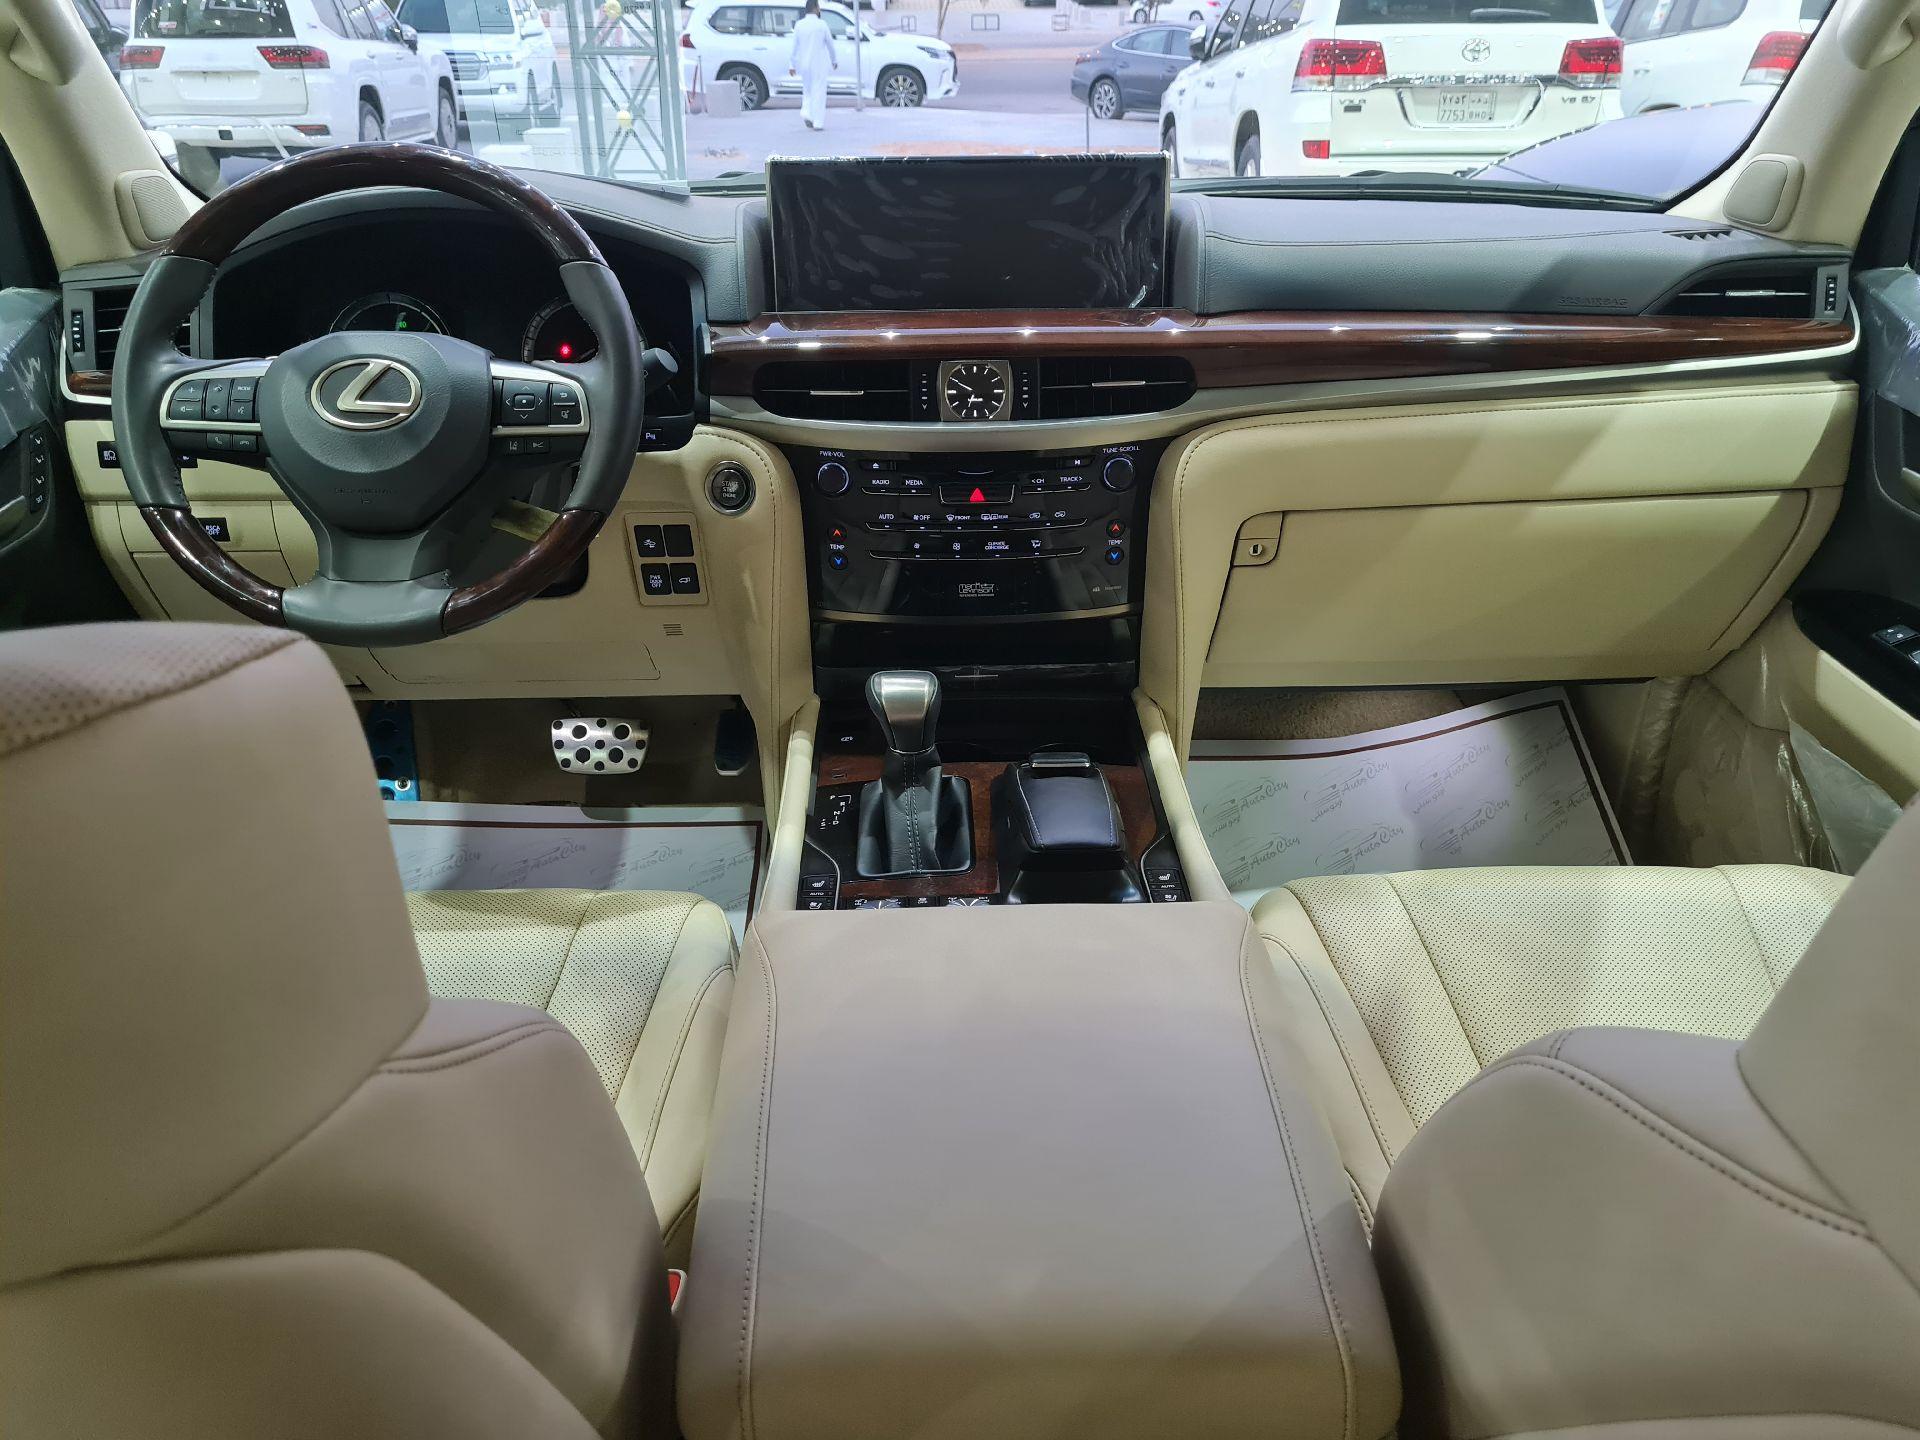 لكزس LX 570-S Sport خليجي 2021 فل للبيع في الرياض - السعودية - صورة كبيرة - 17